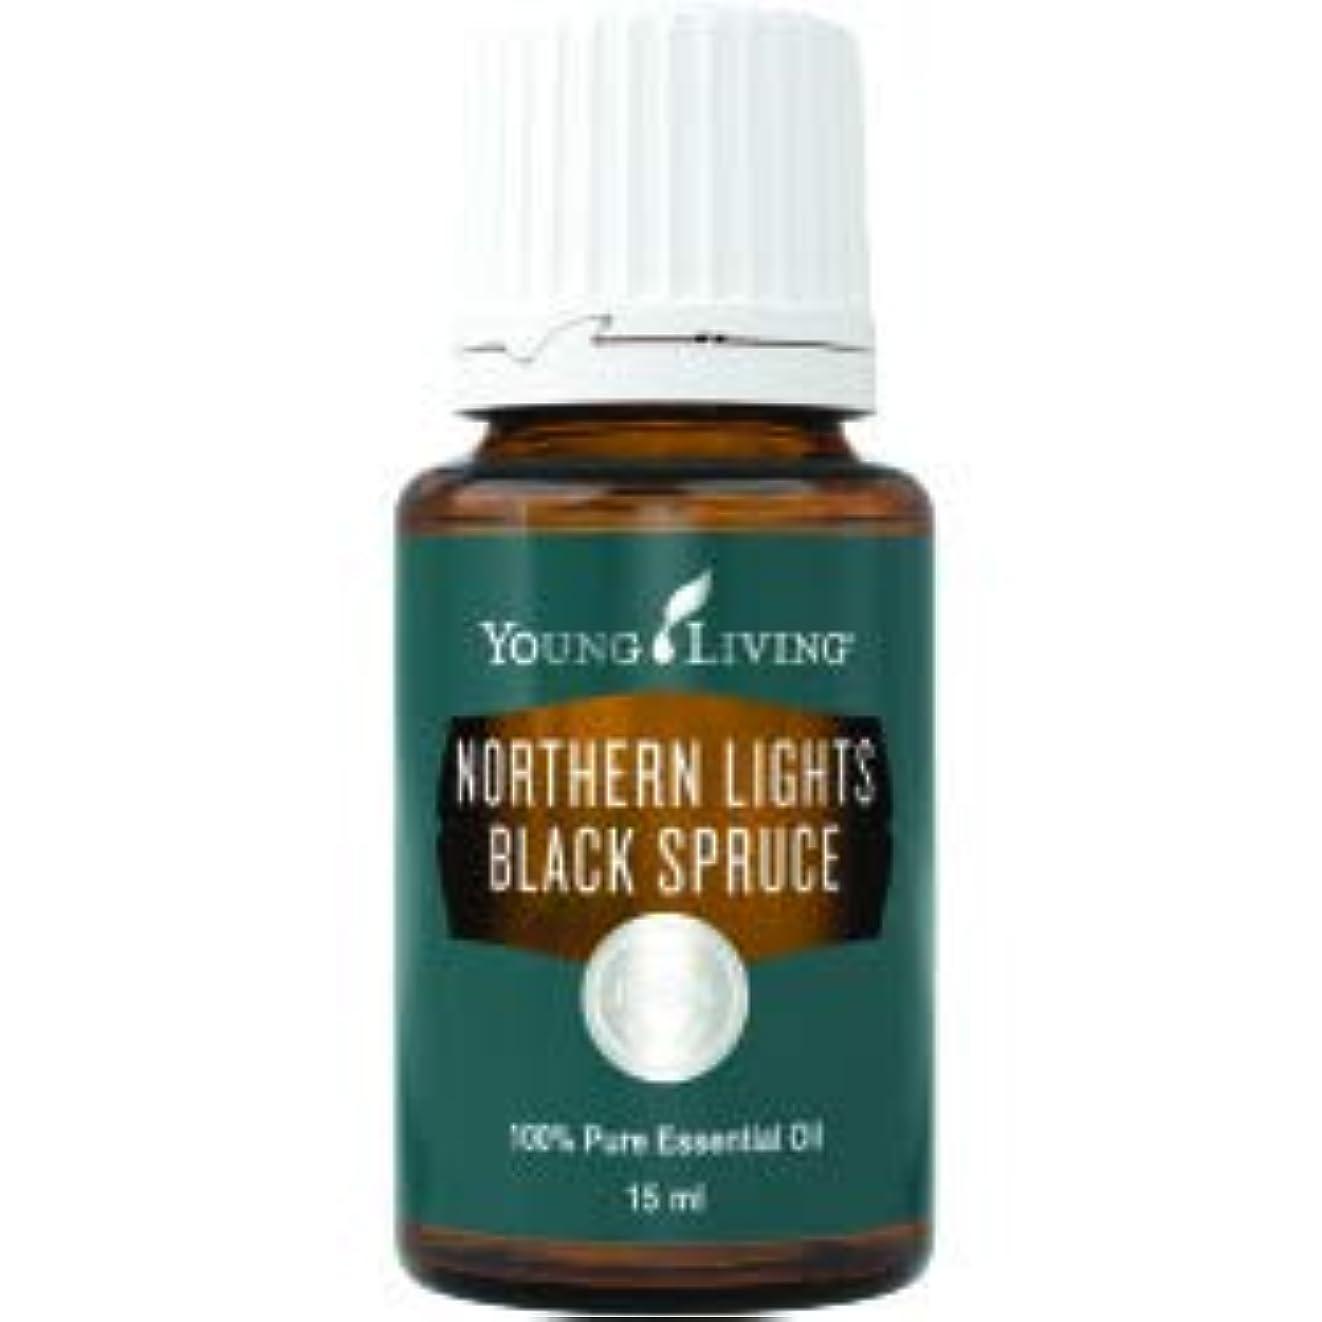 信頼性のあるブロー資産ノーザンライツブラックスプルースエッセンシャルオイル15ml byヤングリビングエッセンシャルオイルマレーシア Northern Lights Black Spruce Essential Oil 15ml by Young...